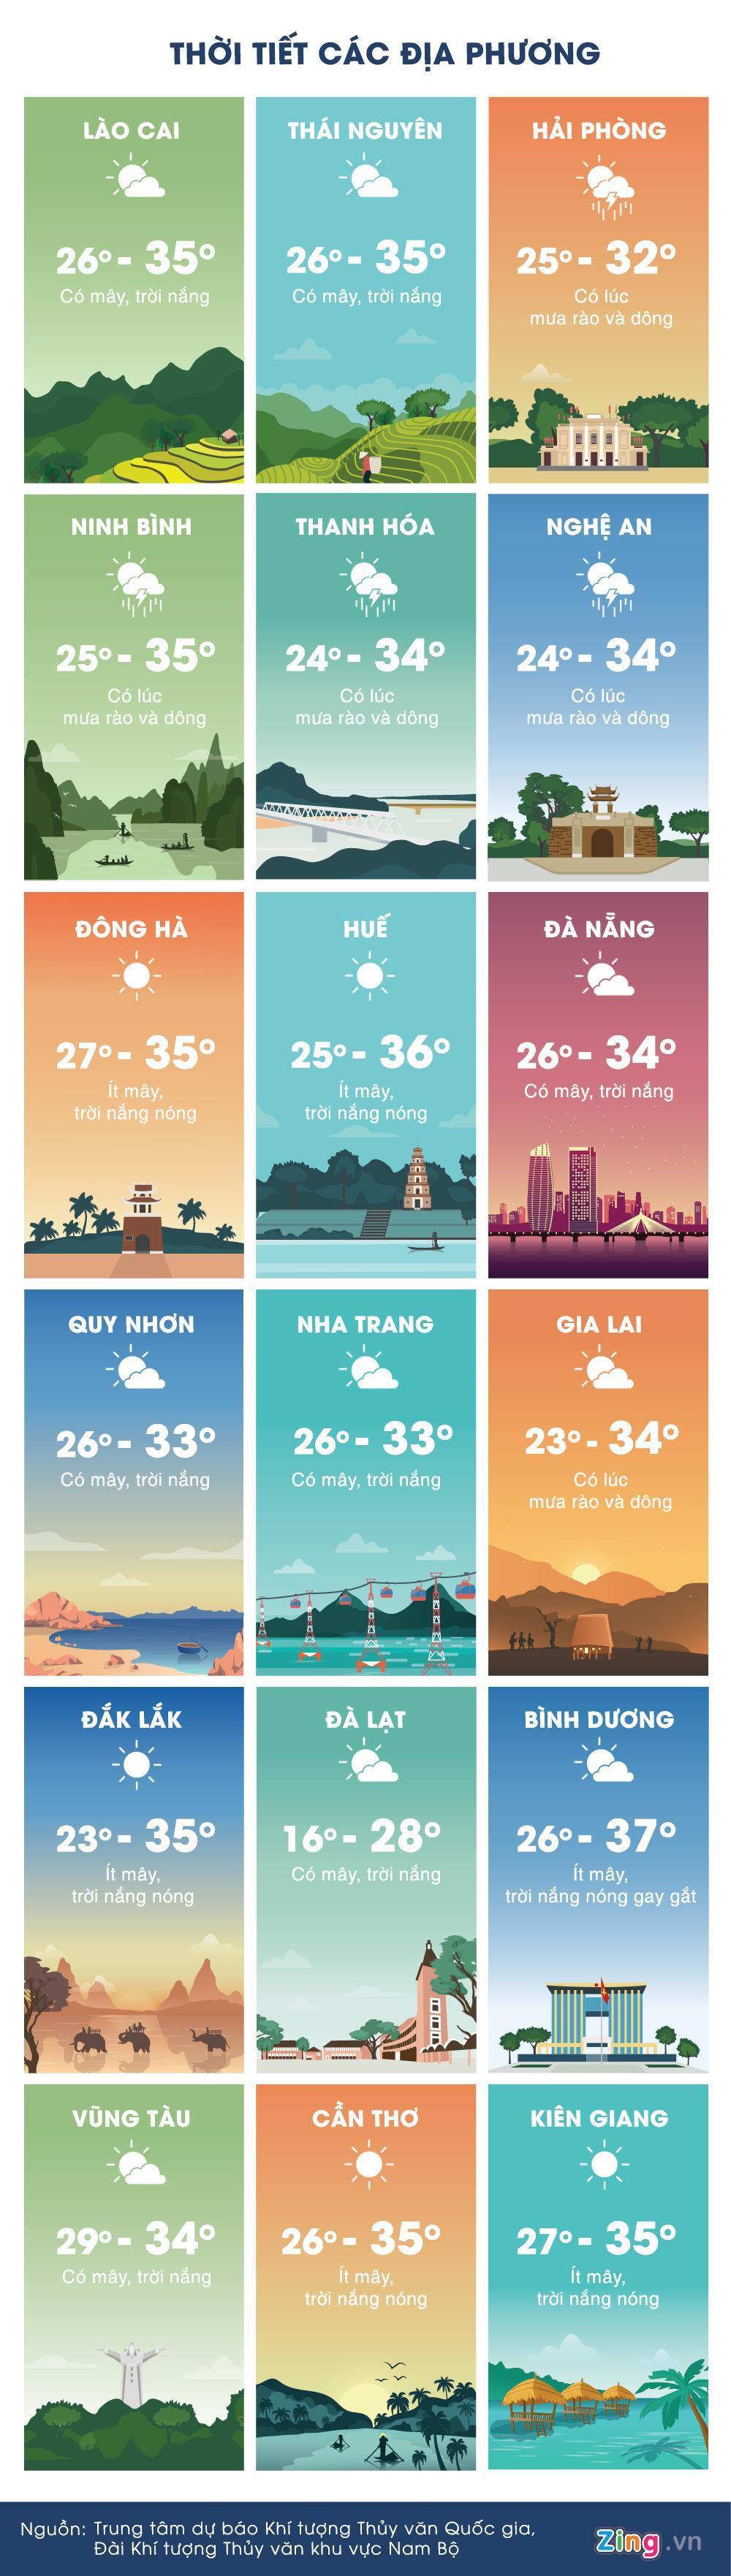 Thời tiết ngày 23/4: Sài Gòn nắng nóng gay gắt trên 37 độ C Ảnh 3